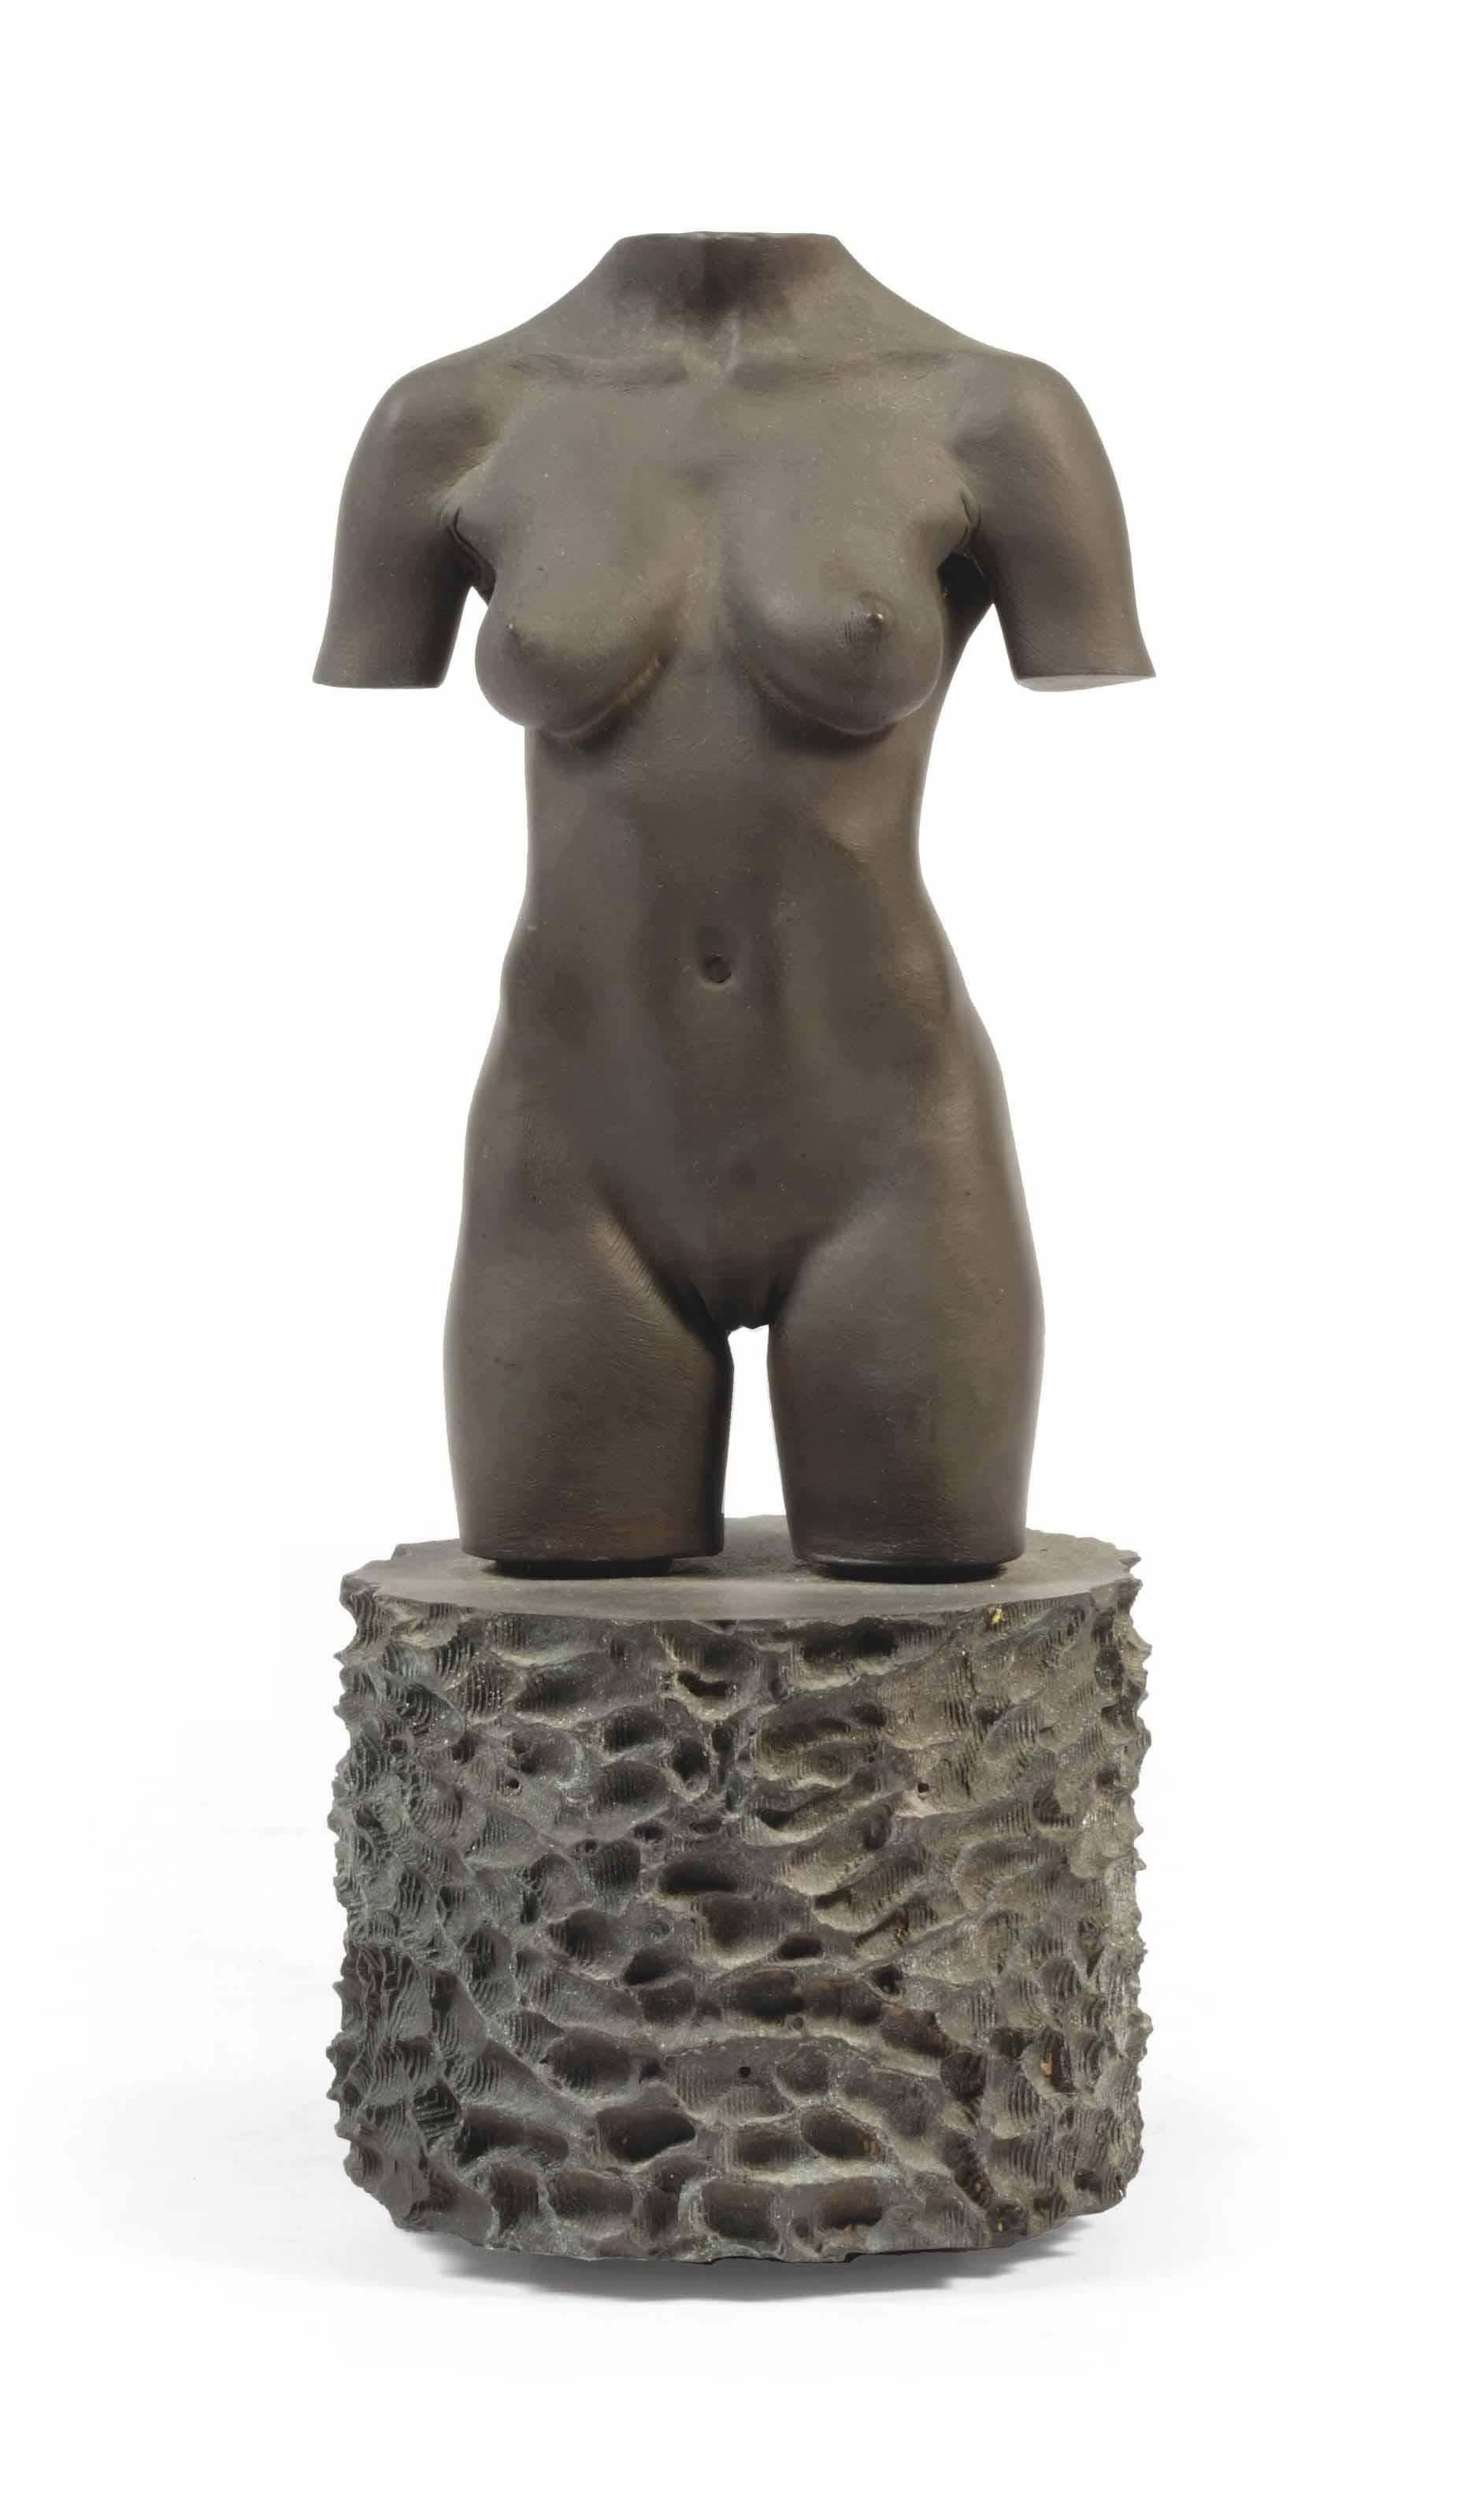 (i) Erika (ii) Moca torso